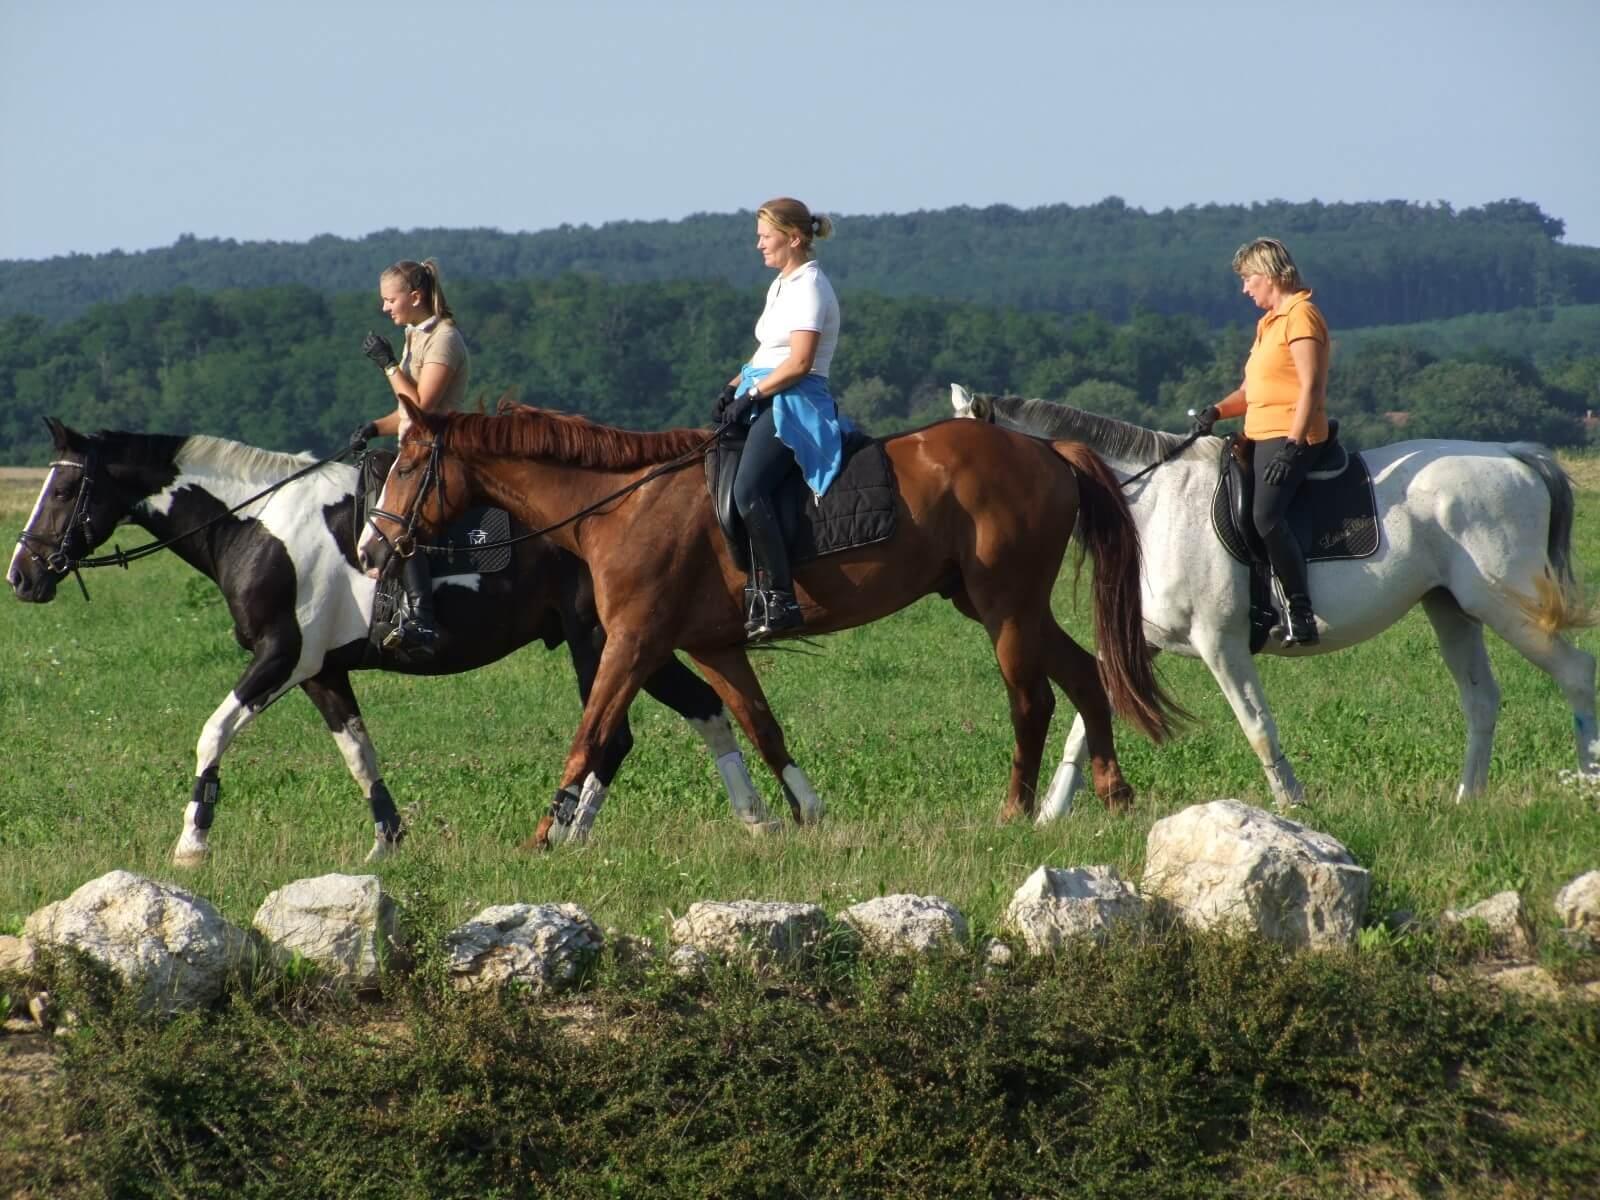 Hat megyében épül ki a lovas turizmushoz szükséges infrastruktúra